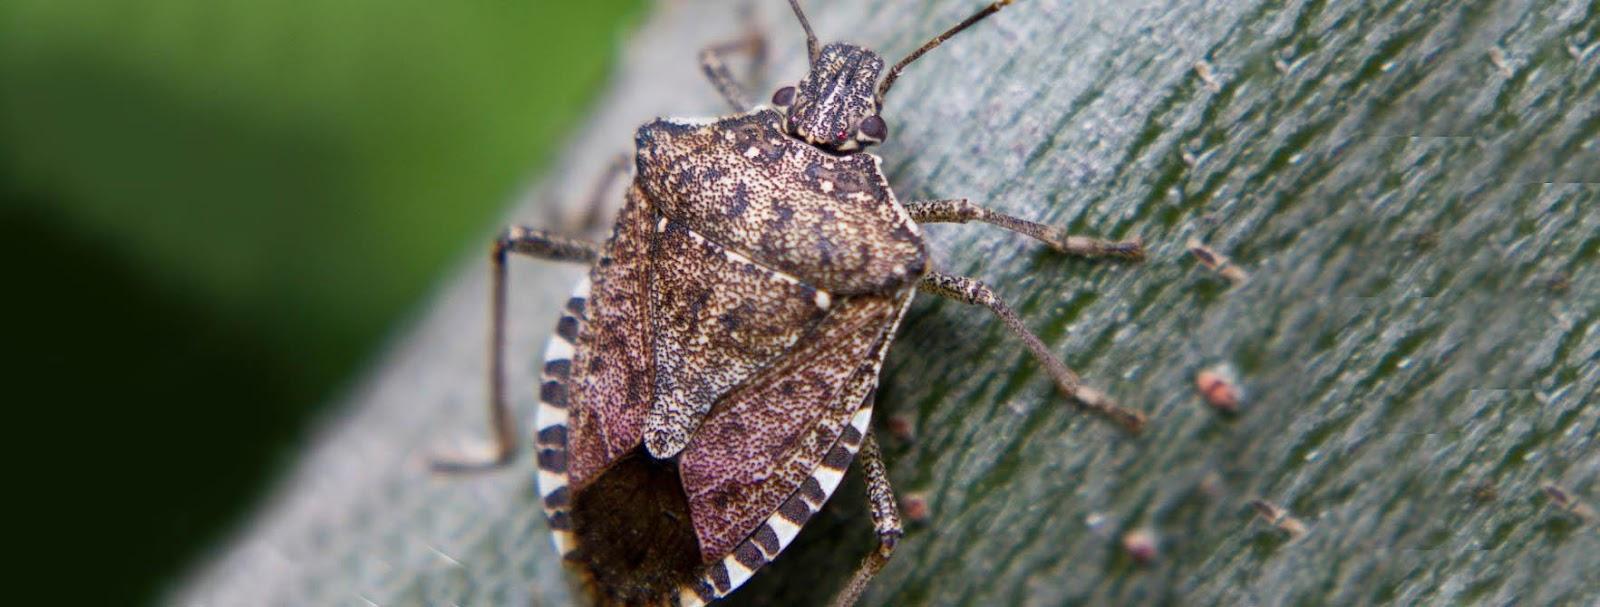 Removing stink bug infestations